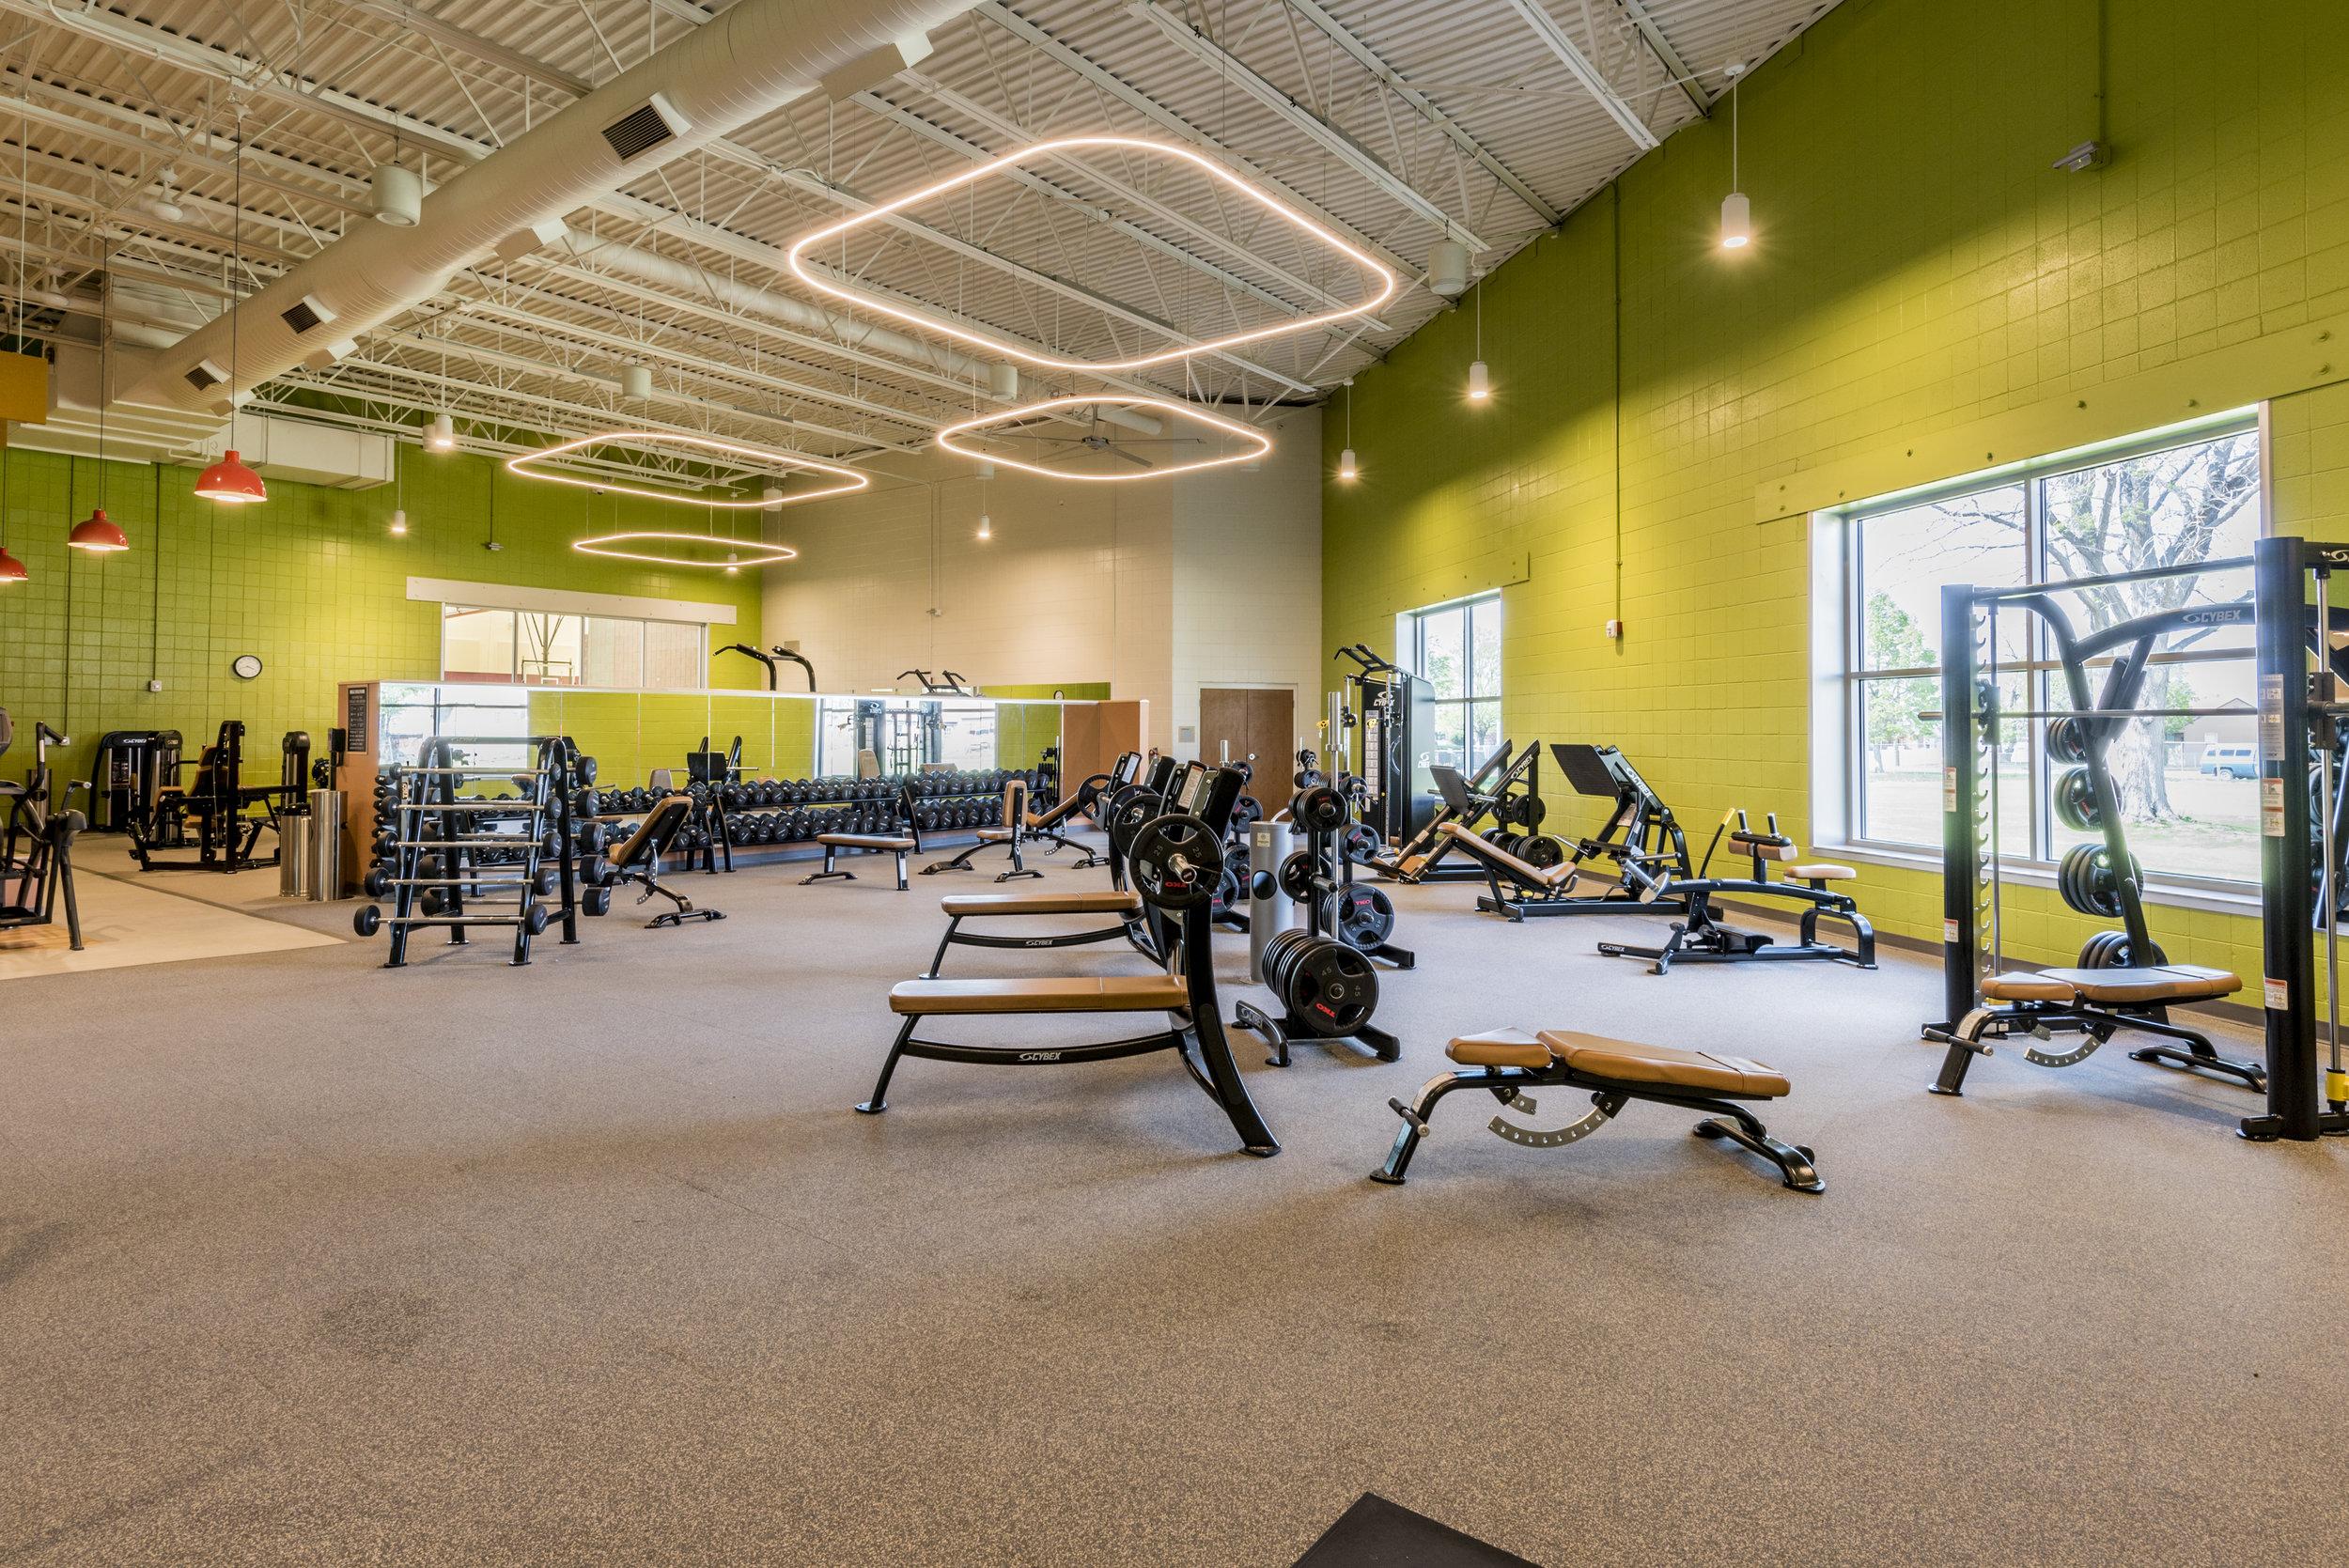 Essenza-Eagle-Pointe-Recreation-Center-056.jpg